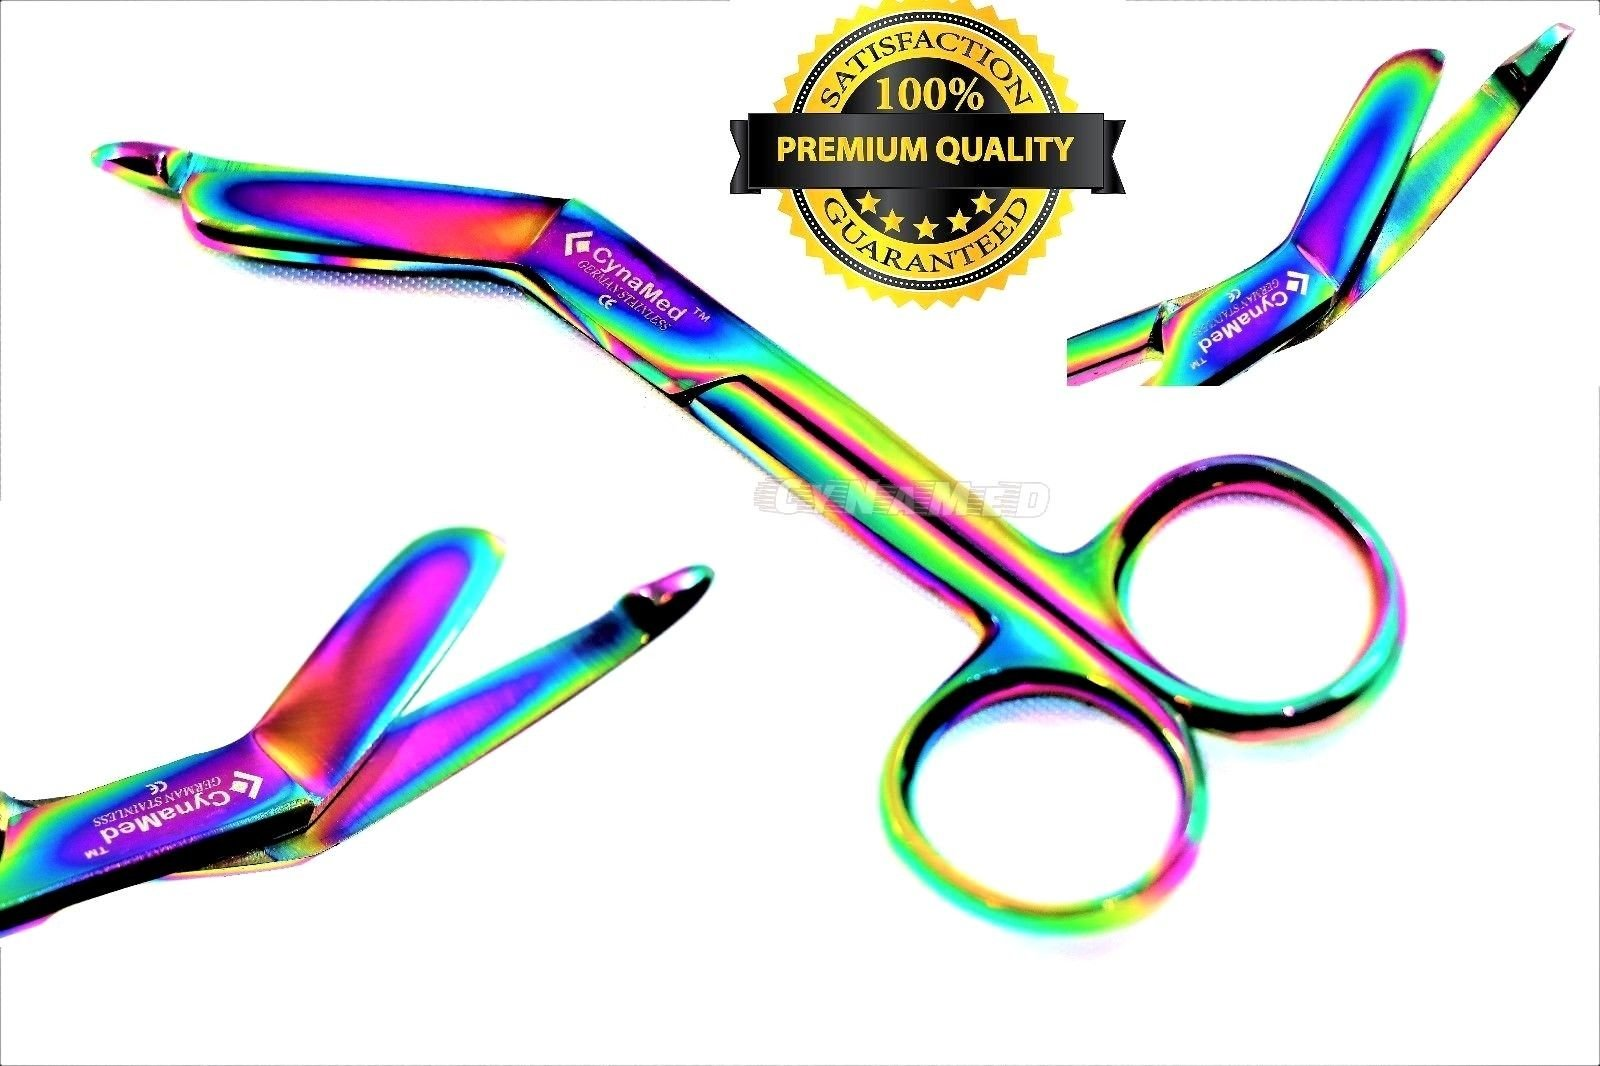 NEW GERMAN 1 Lister Bandage Nurse Scissors - 4.5'' Multi Titanium Color Rainbow (CYNAMED)